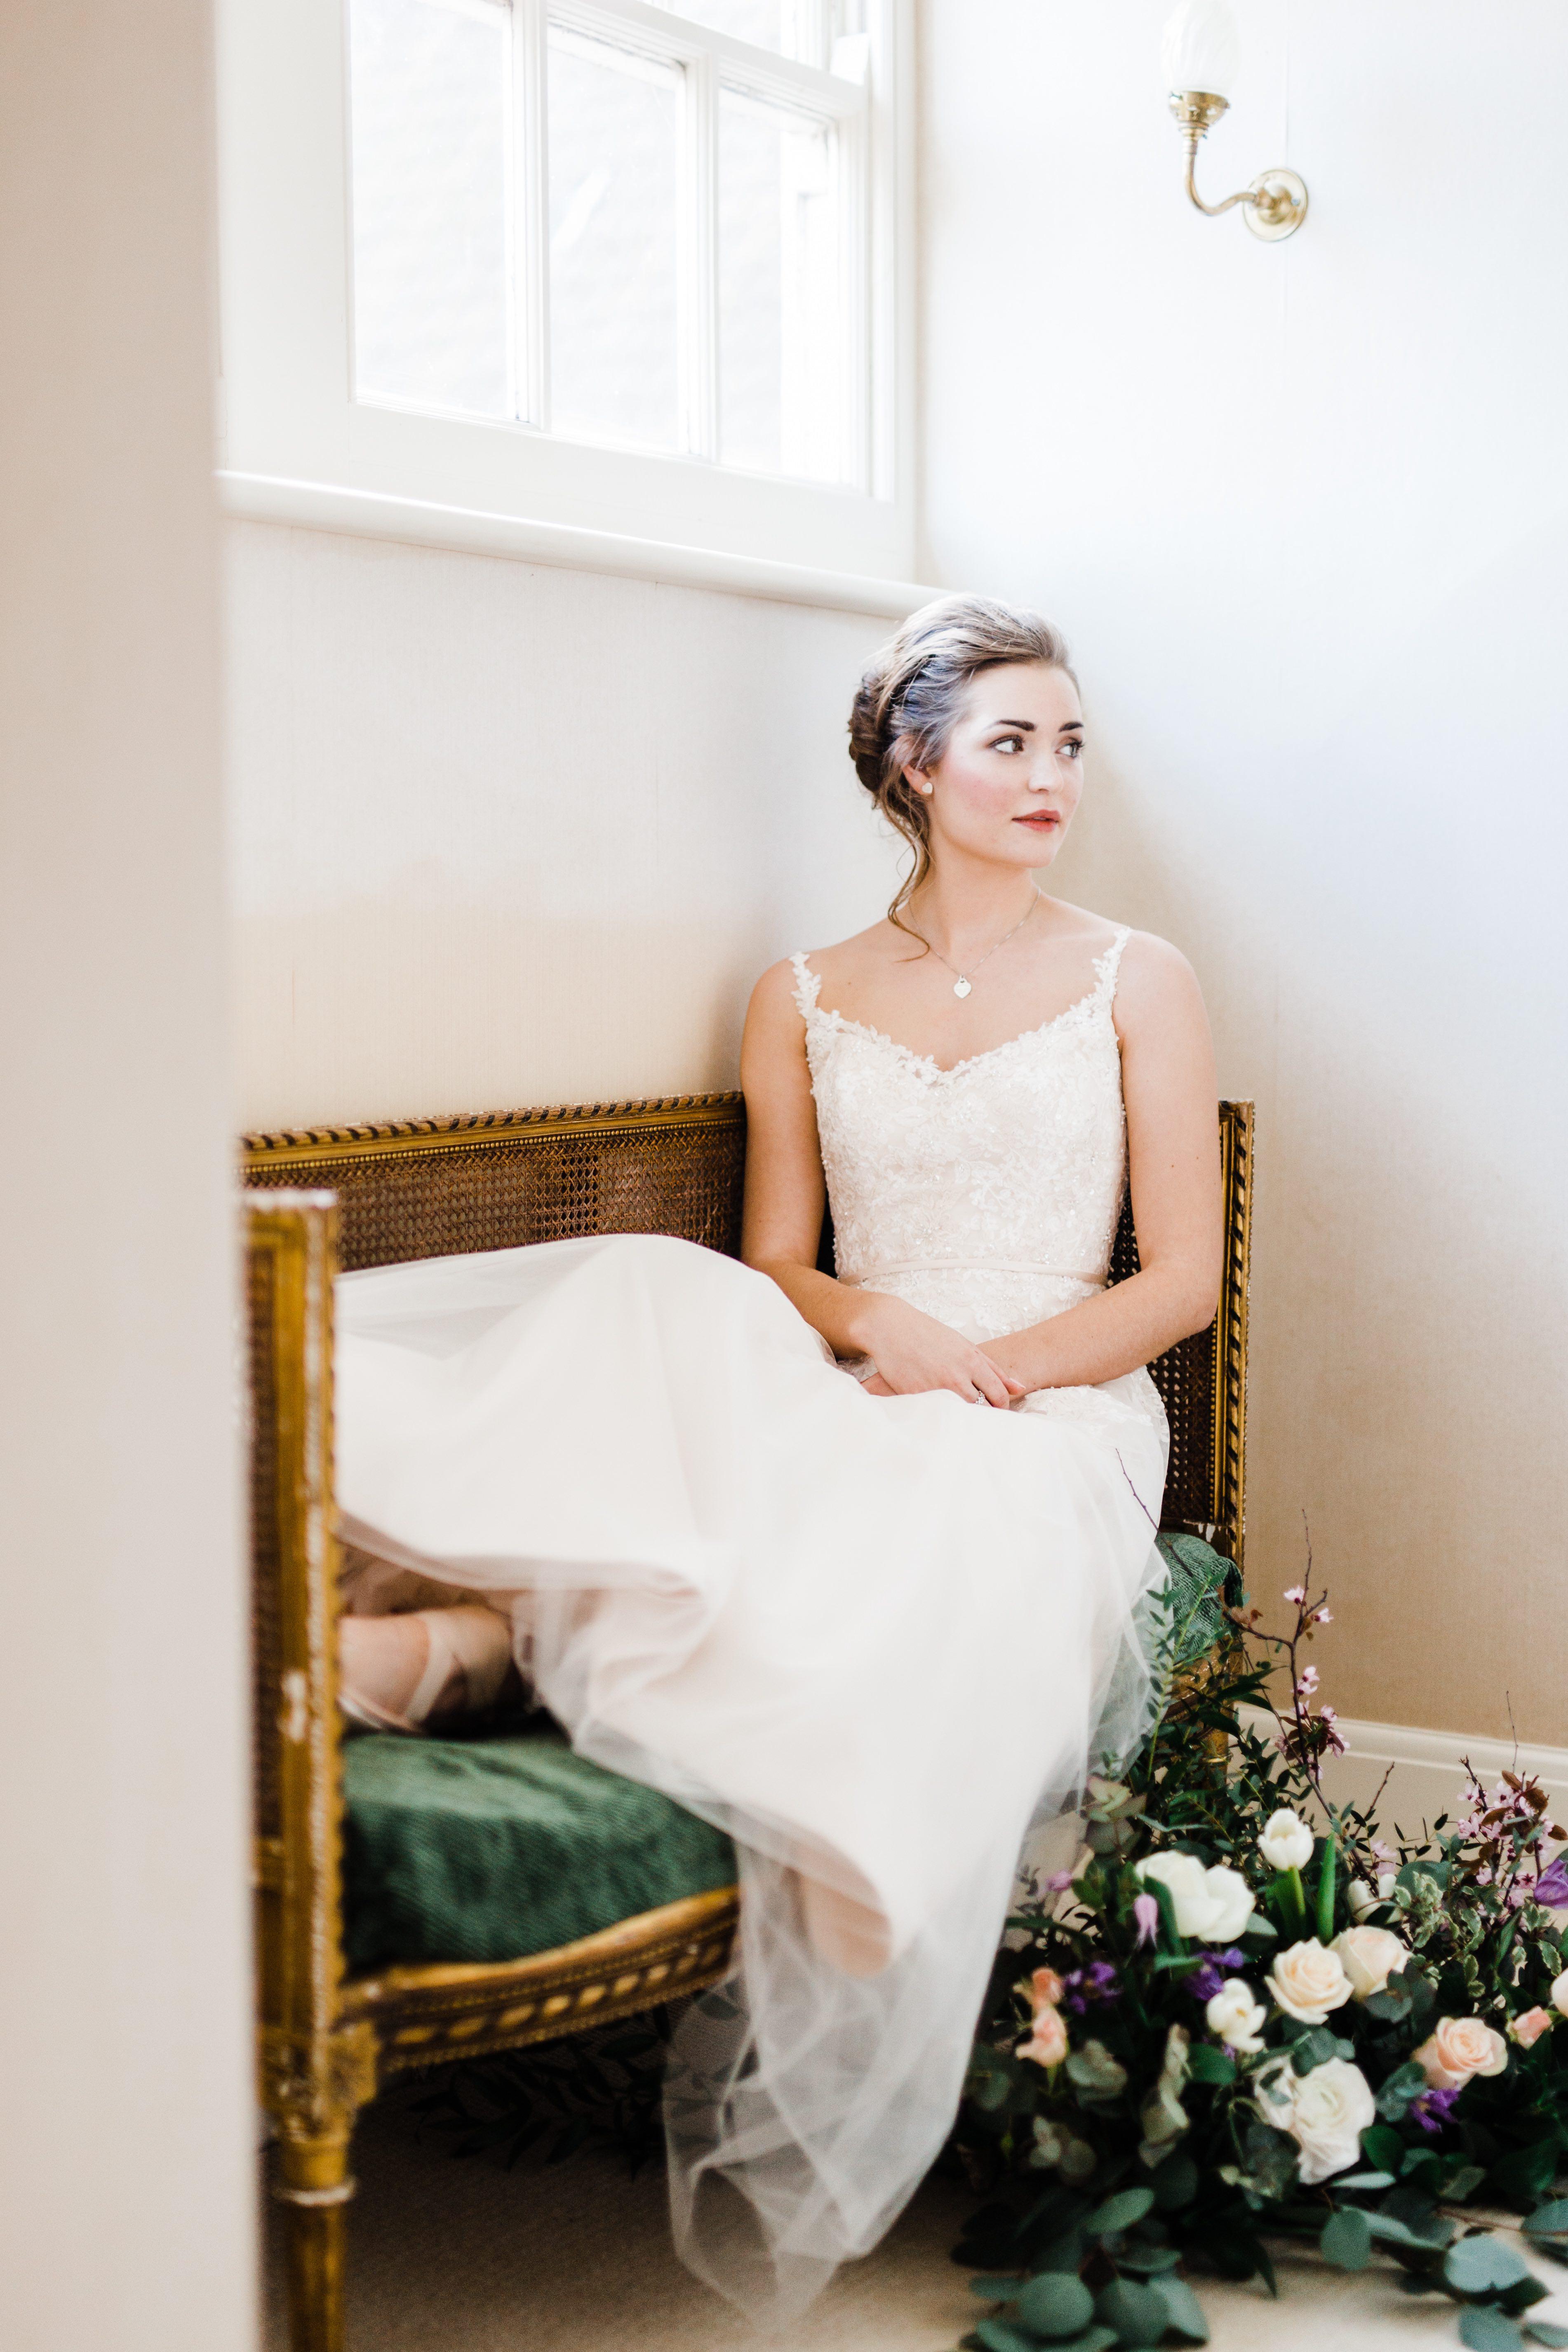 Web-Shine-Female-Models-Kayleigh-Harrogate-Bridal-02-jpg.jpg#asset:48306